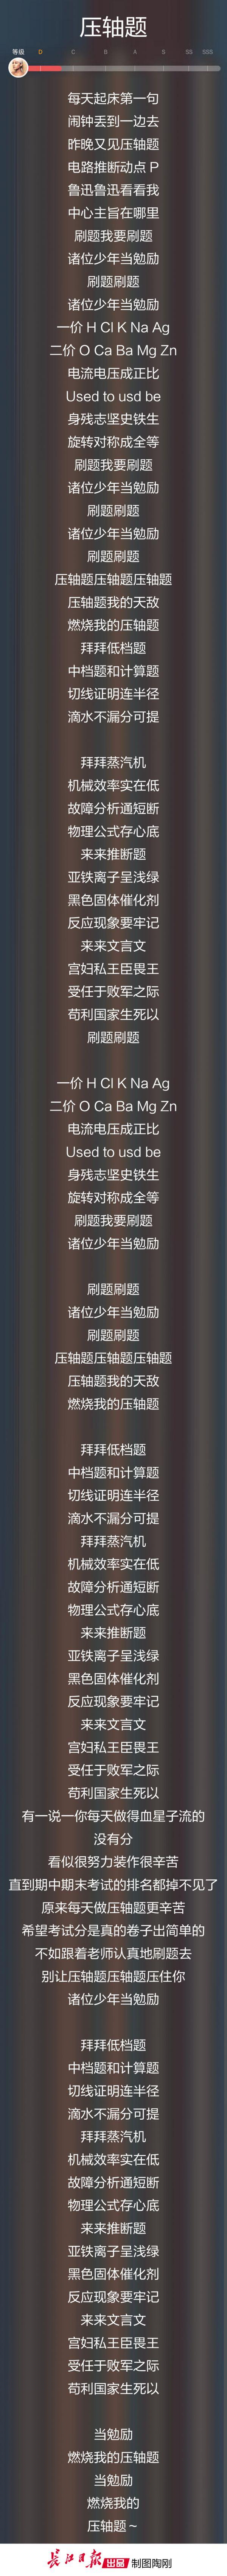 """武汉这群初中生改编""""学霸版""""《卡路里》"""